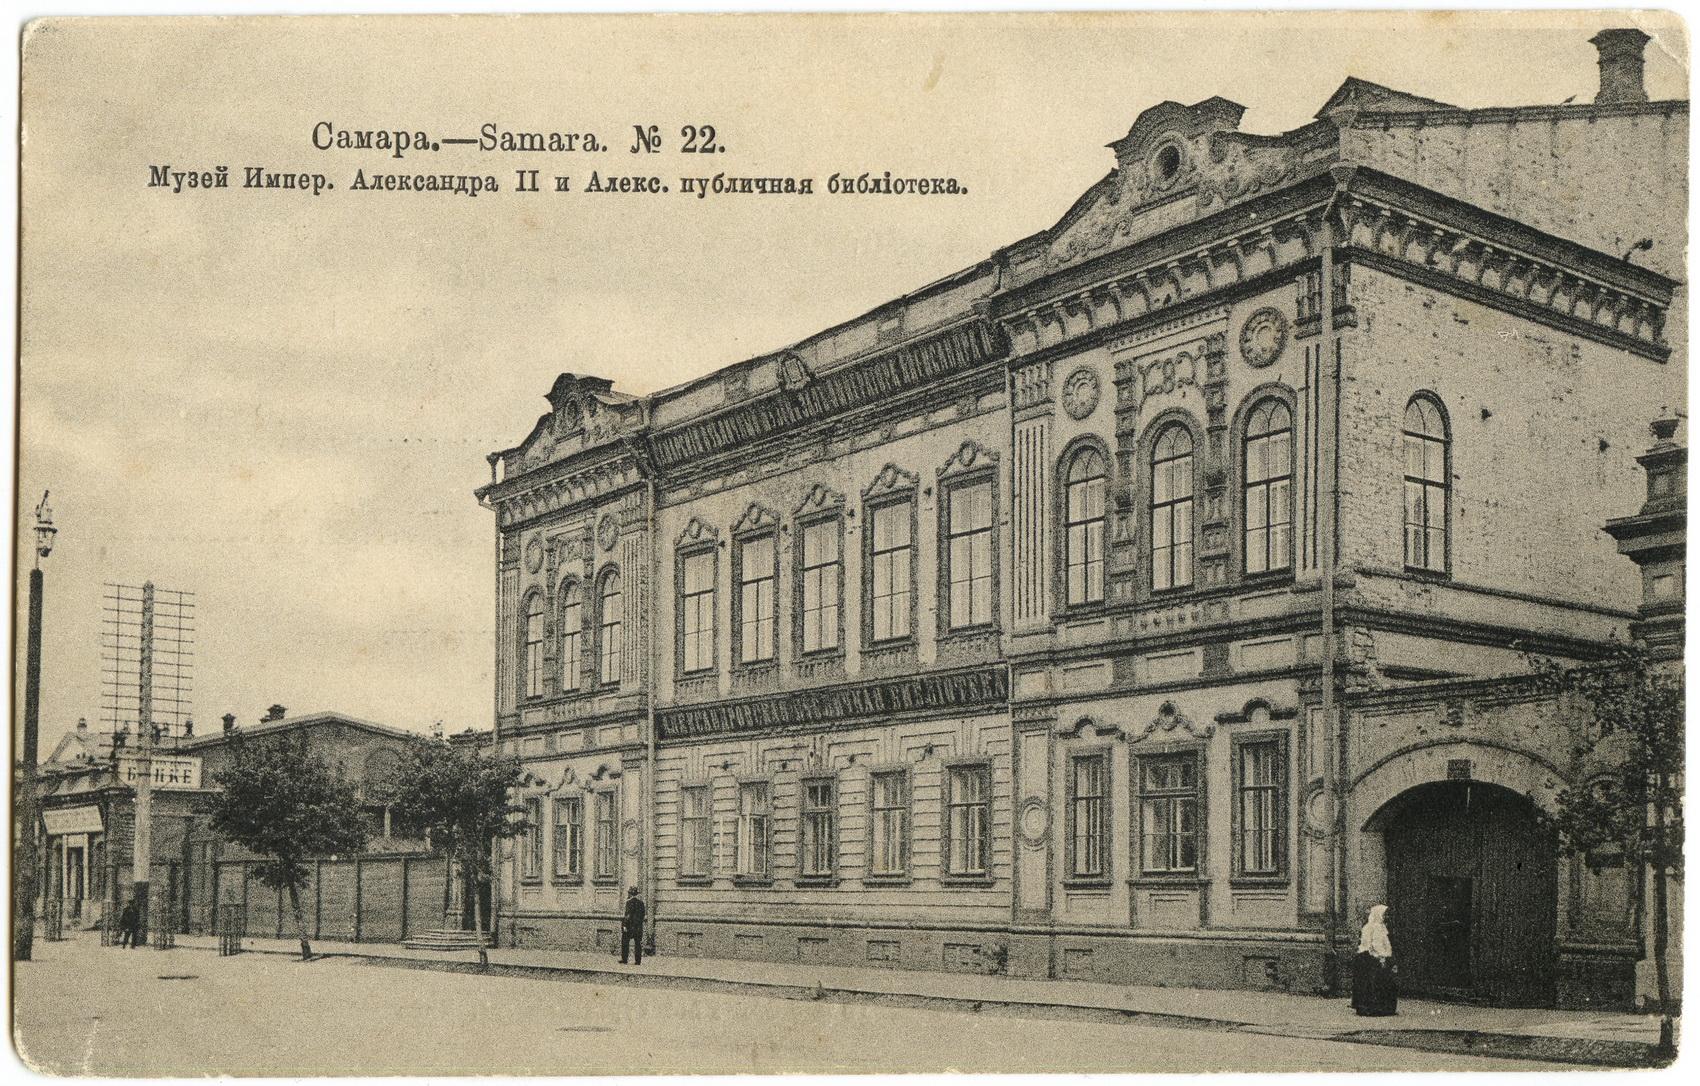 Самарский публичный музей и Зал императора Александра II при Александровской публичной библиотеке